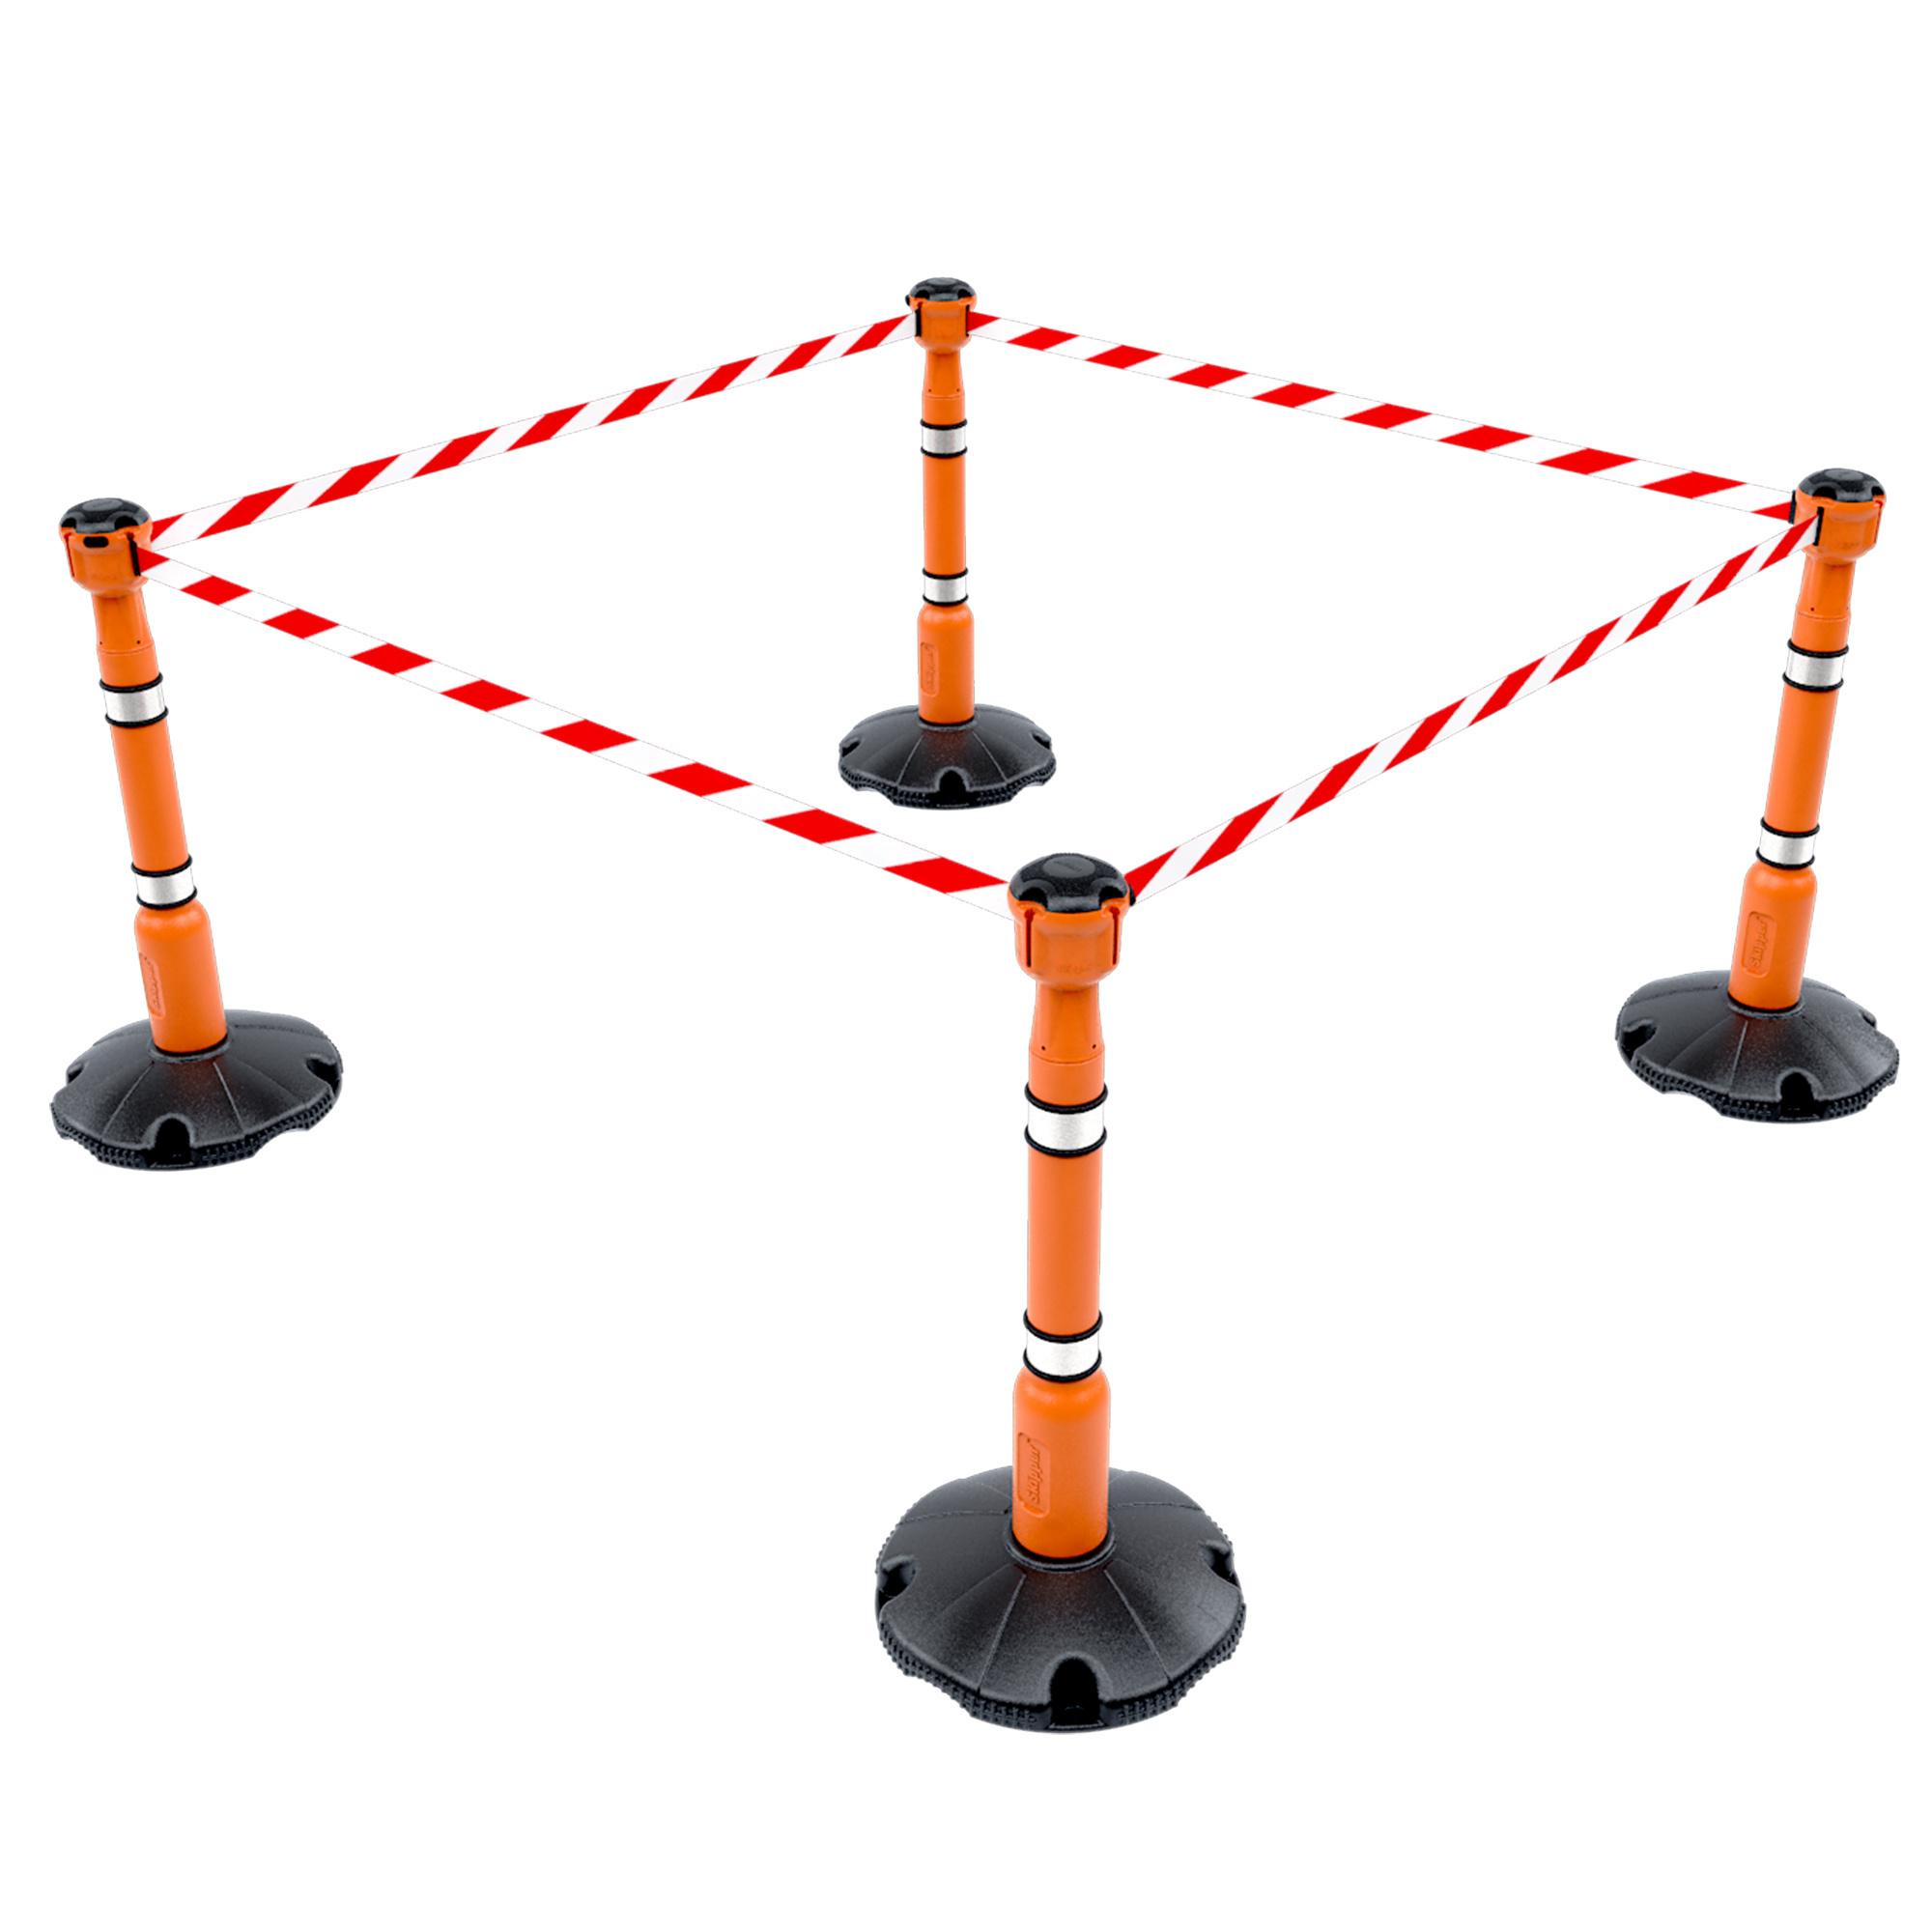 SKIPPER Orange body of the SKIPPER post - exchange part